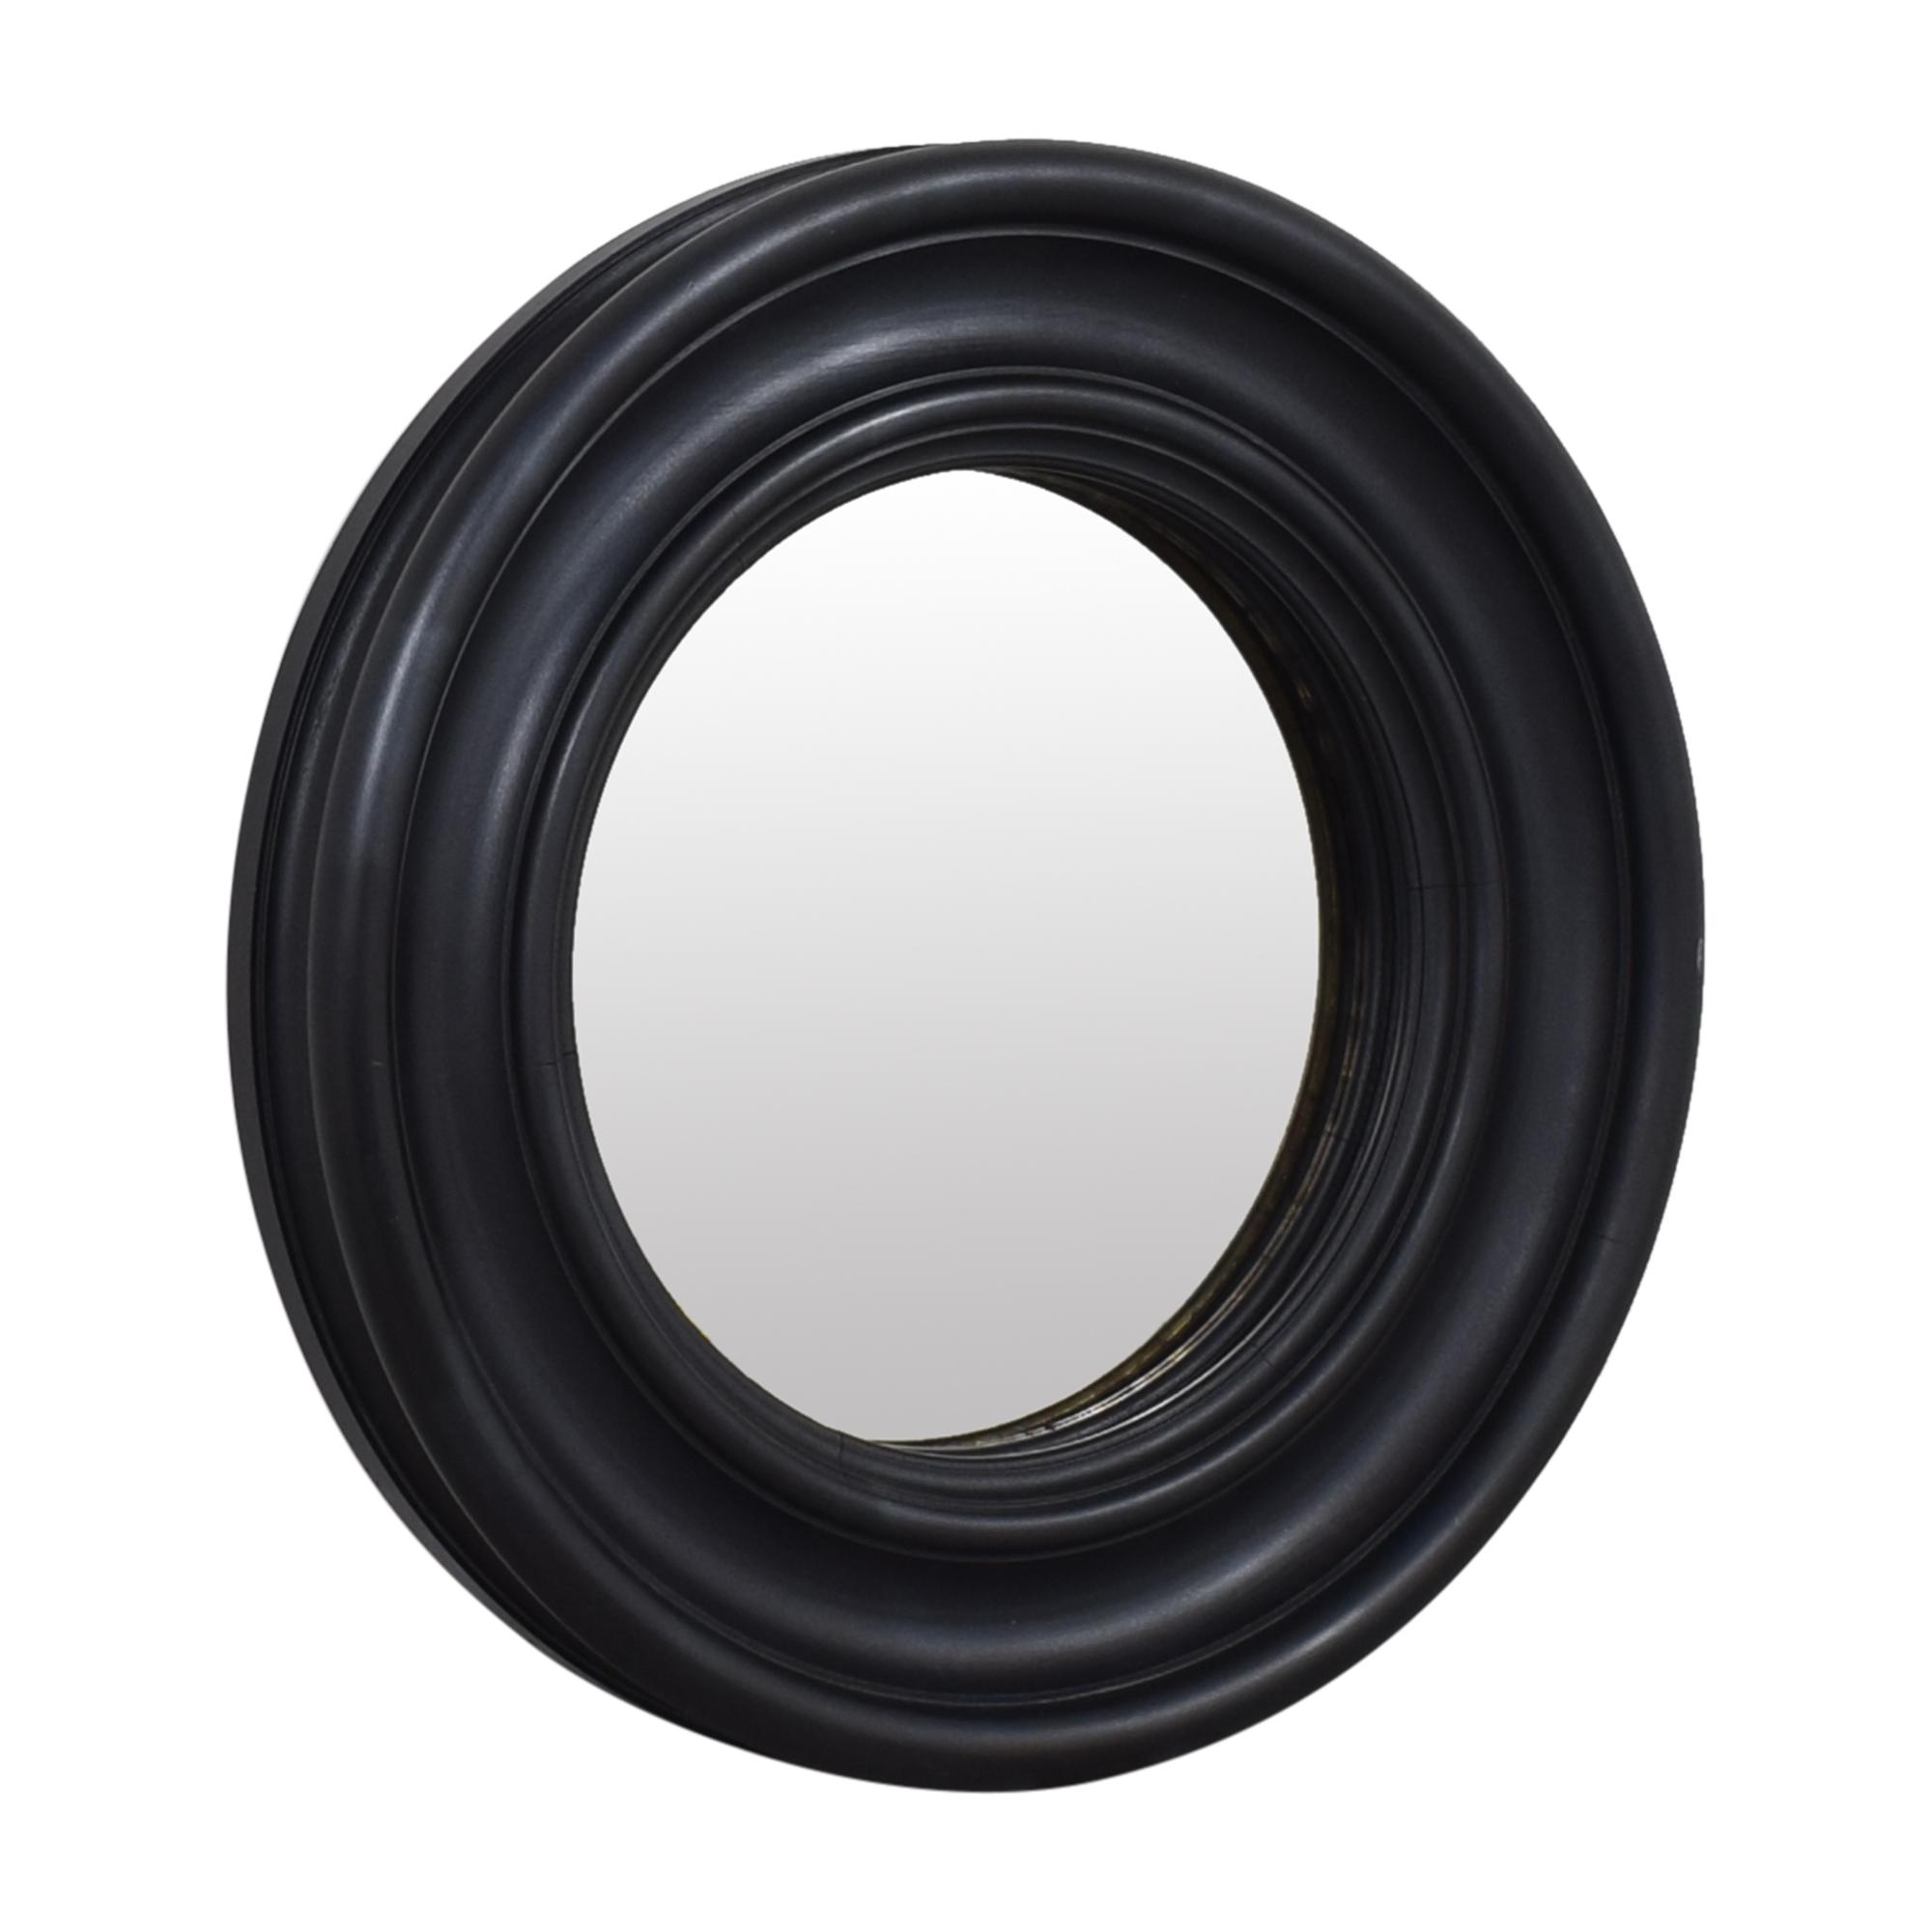 Bloomingdale's Bloomingdale's Round Framed Mirror price